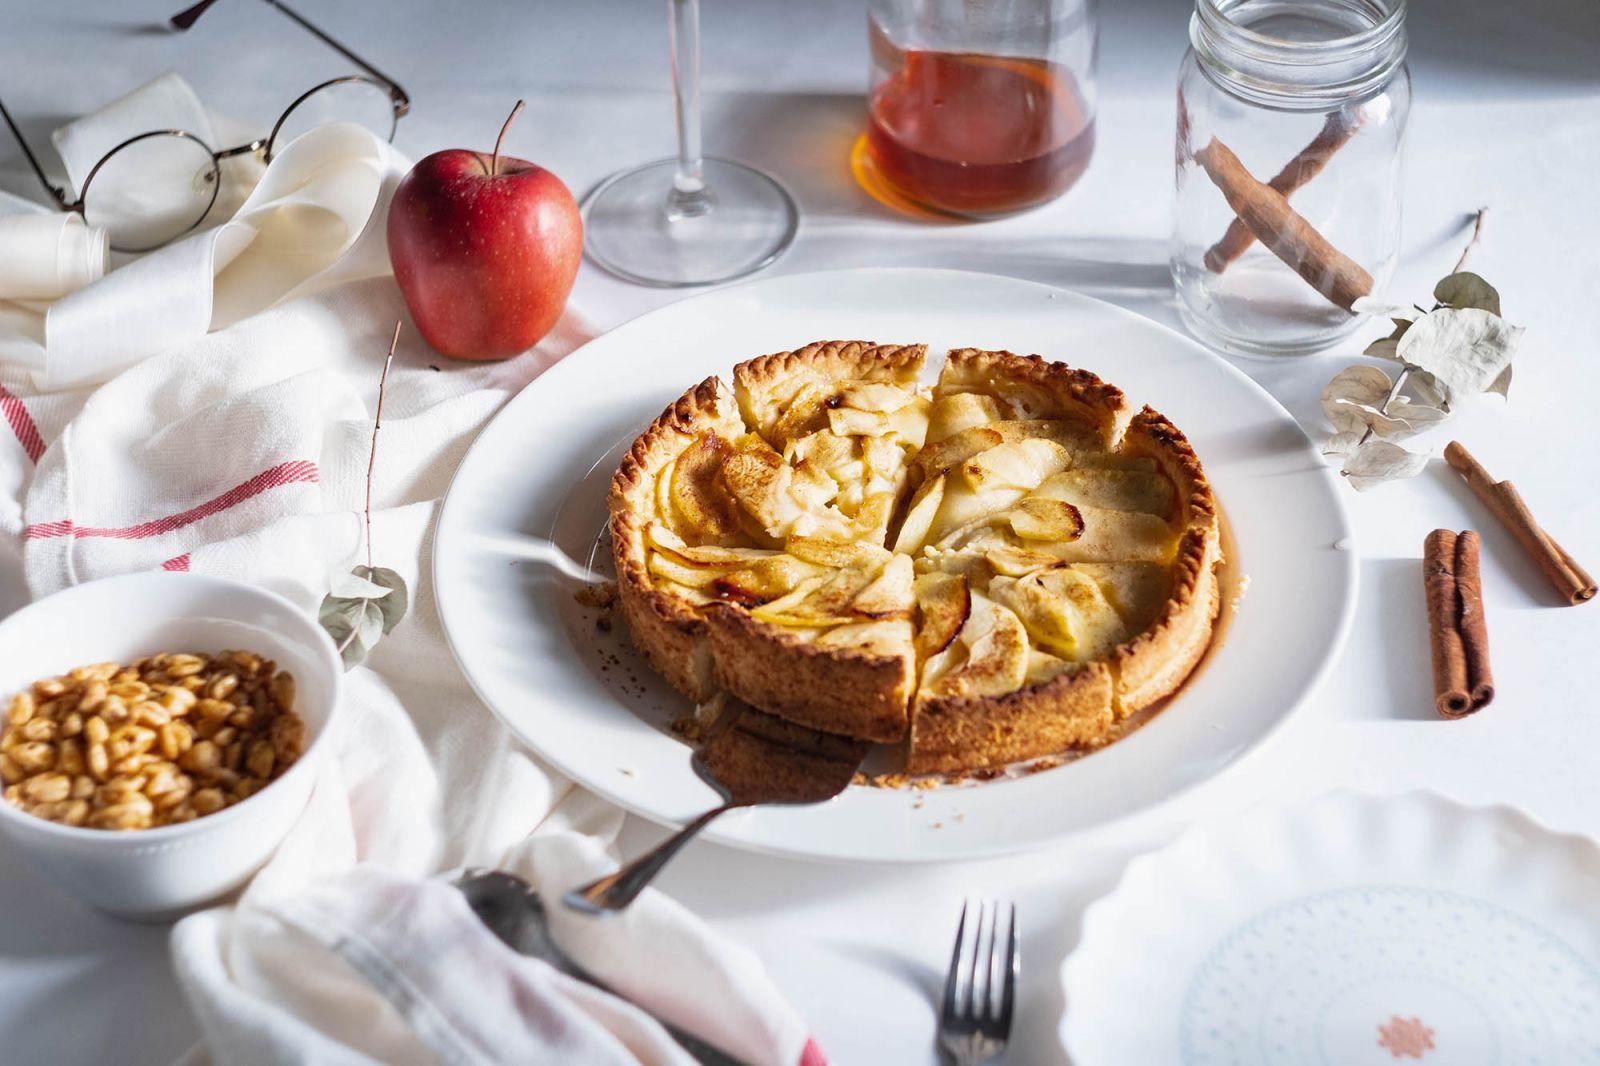 Köstlicher Apfelkuchen nach Großmutters Rezept: saftig und luftig